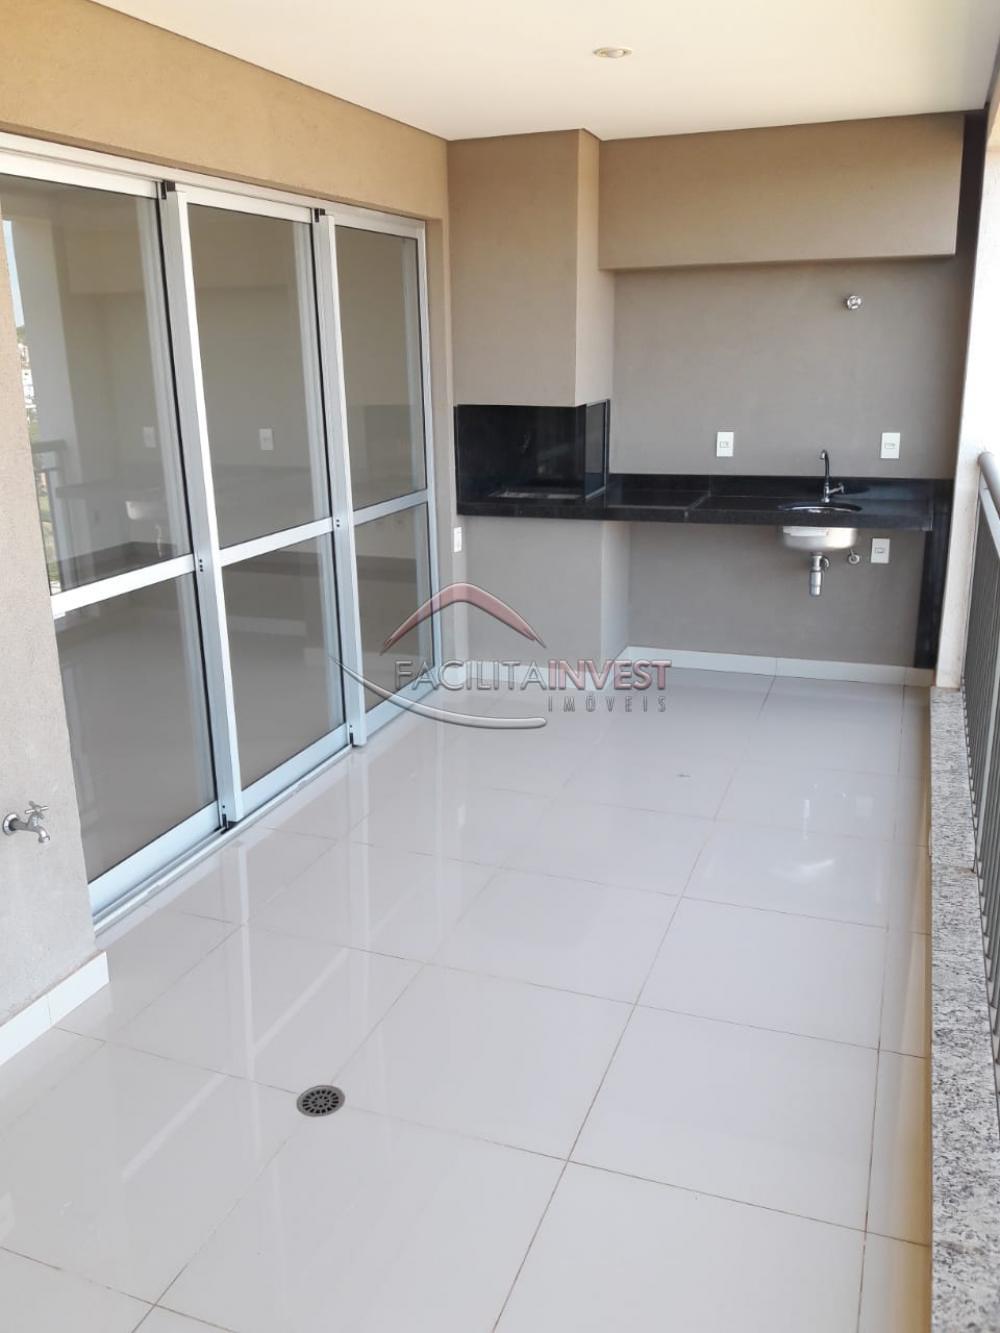 Ribeirao Preto Apartamento Venda R$716.732,70 Condominio R$800,00 3 Dormitorios 3 Suites Area construida 140.00m2